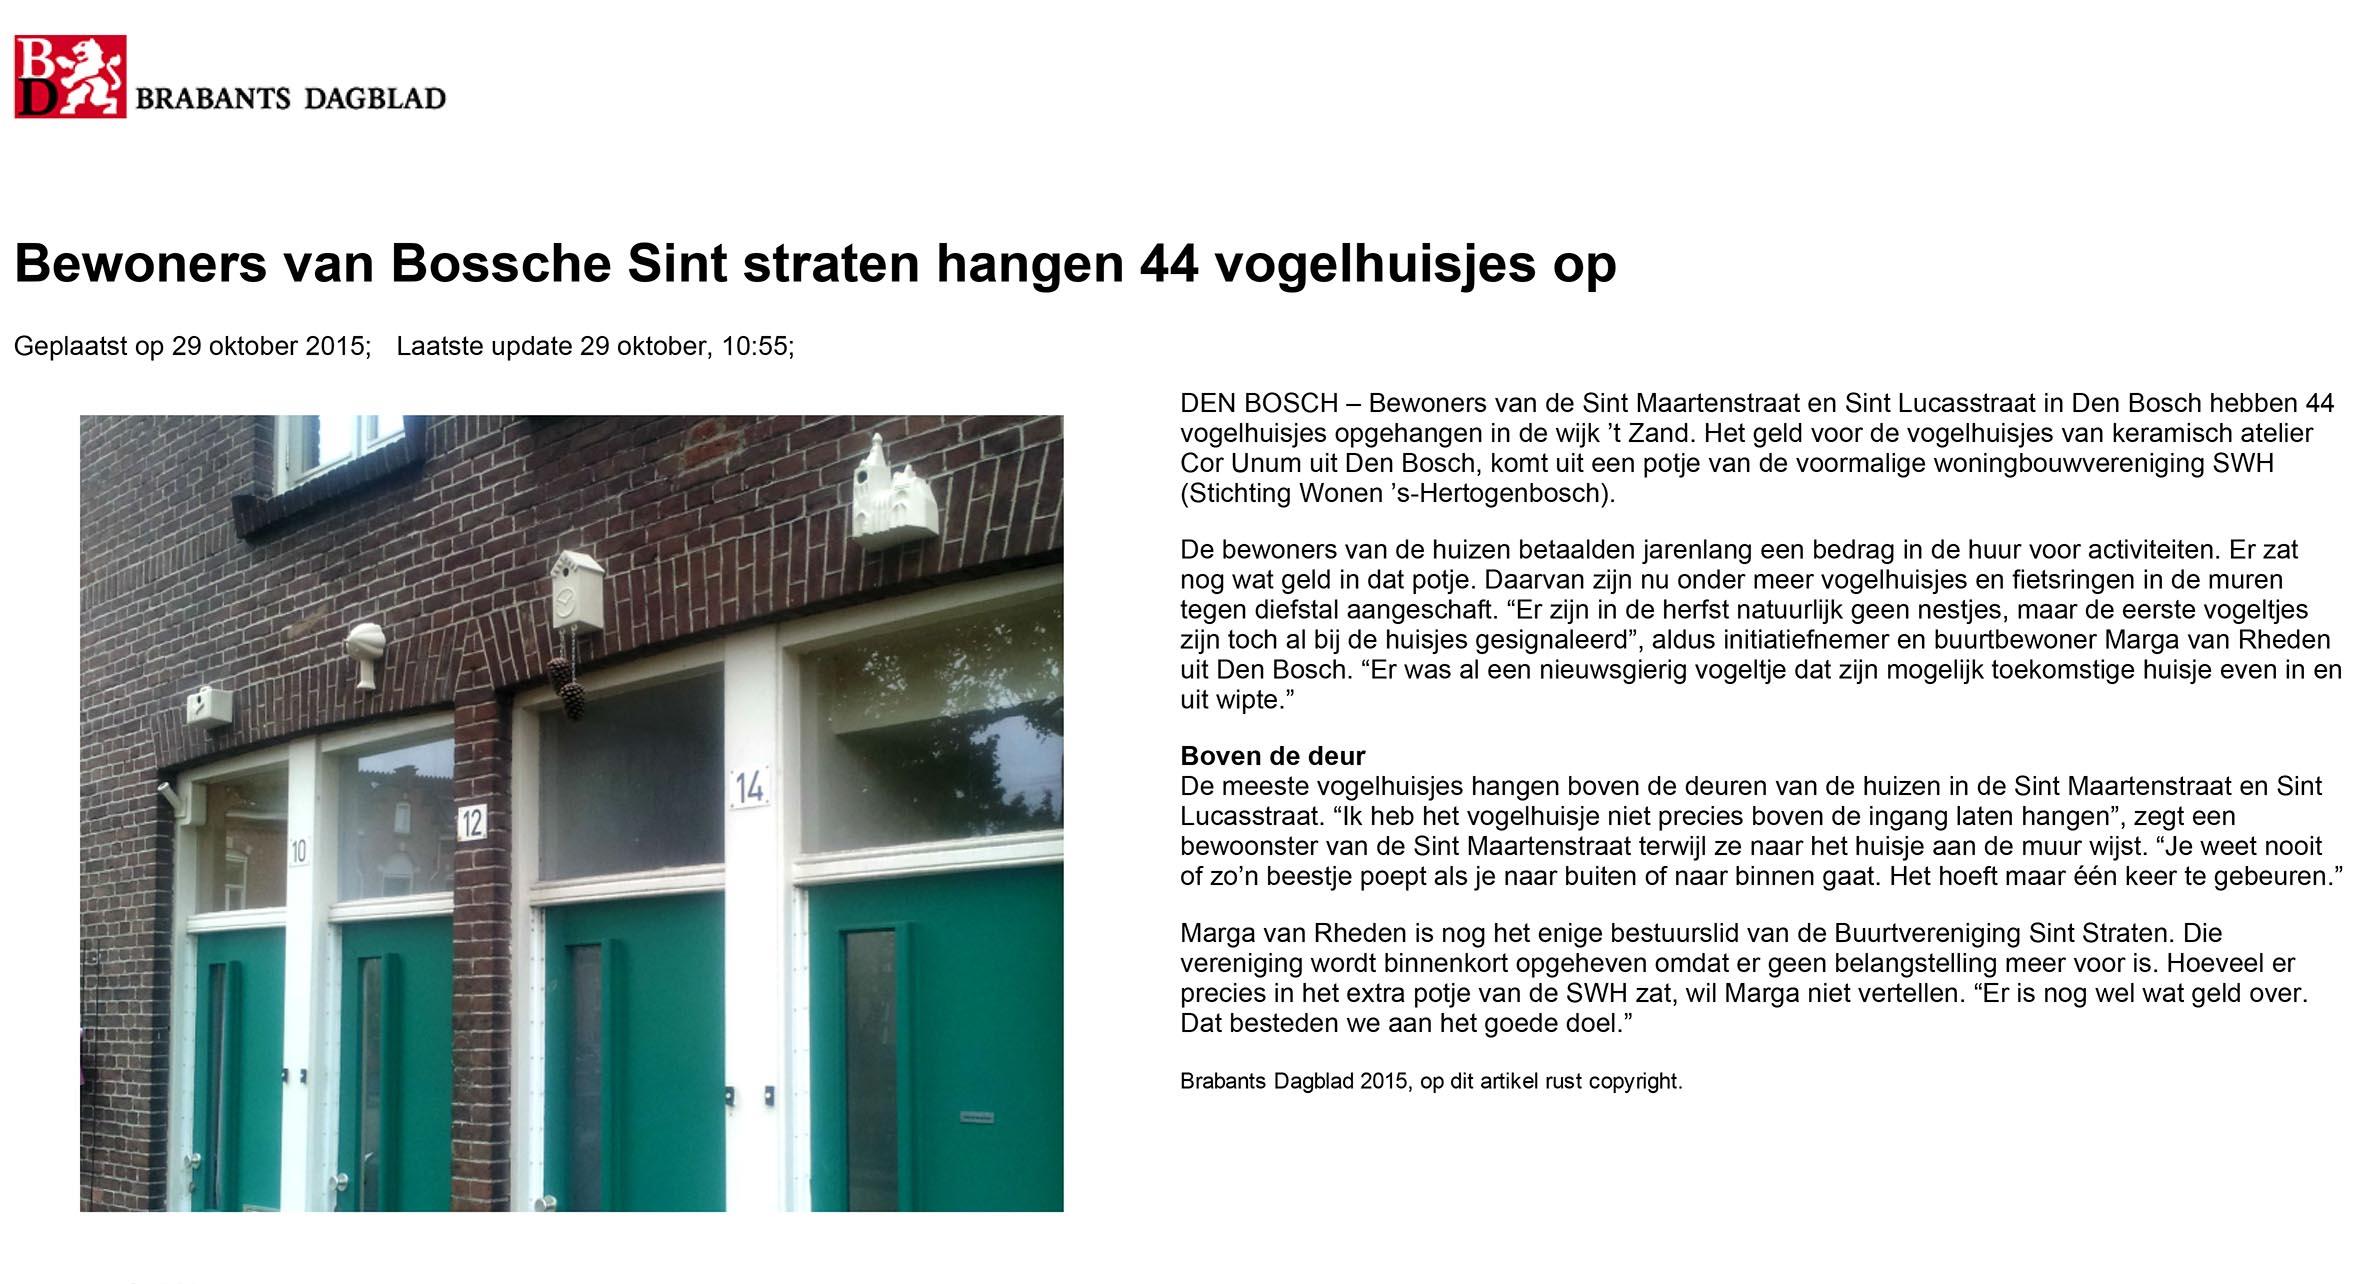 Bewoners van Bossche Sint straten hangen 44 vogelhuisjes op